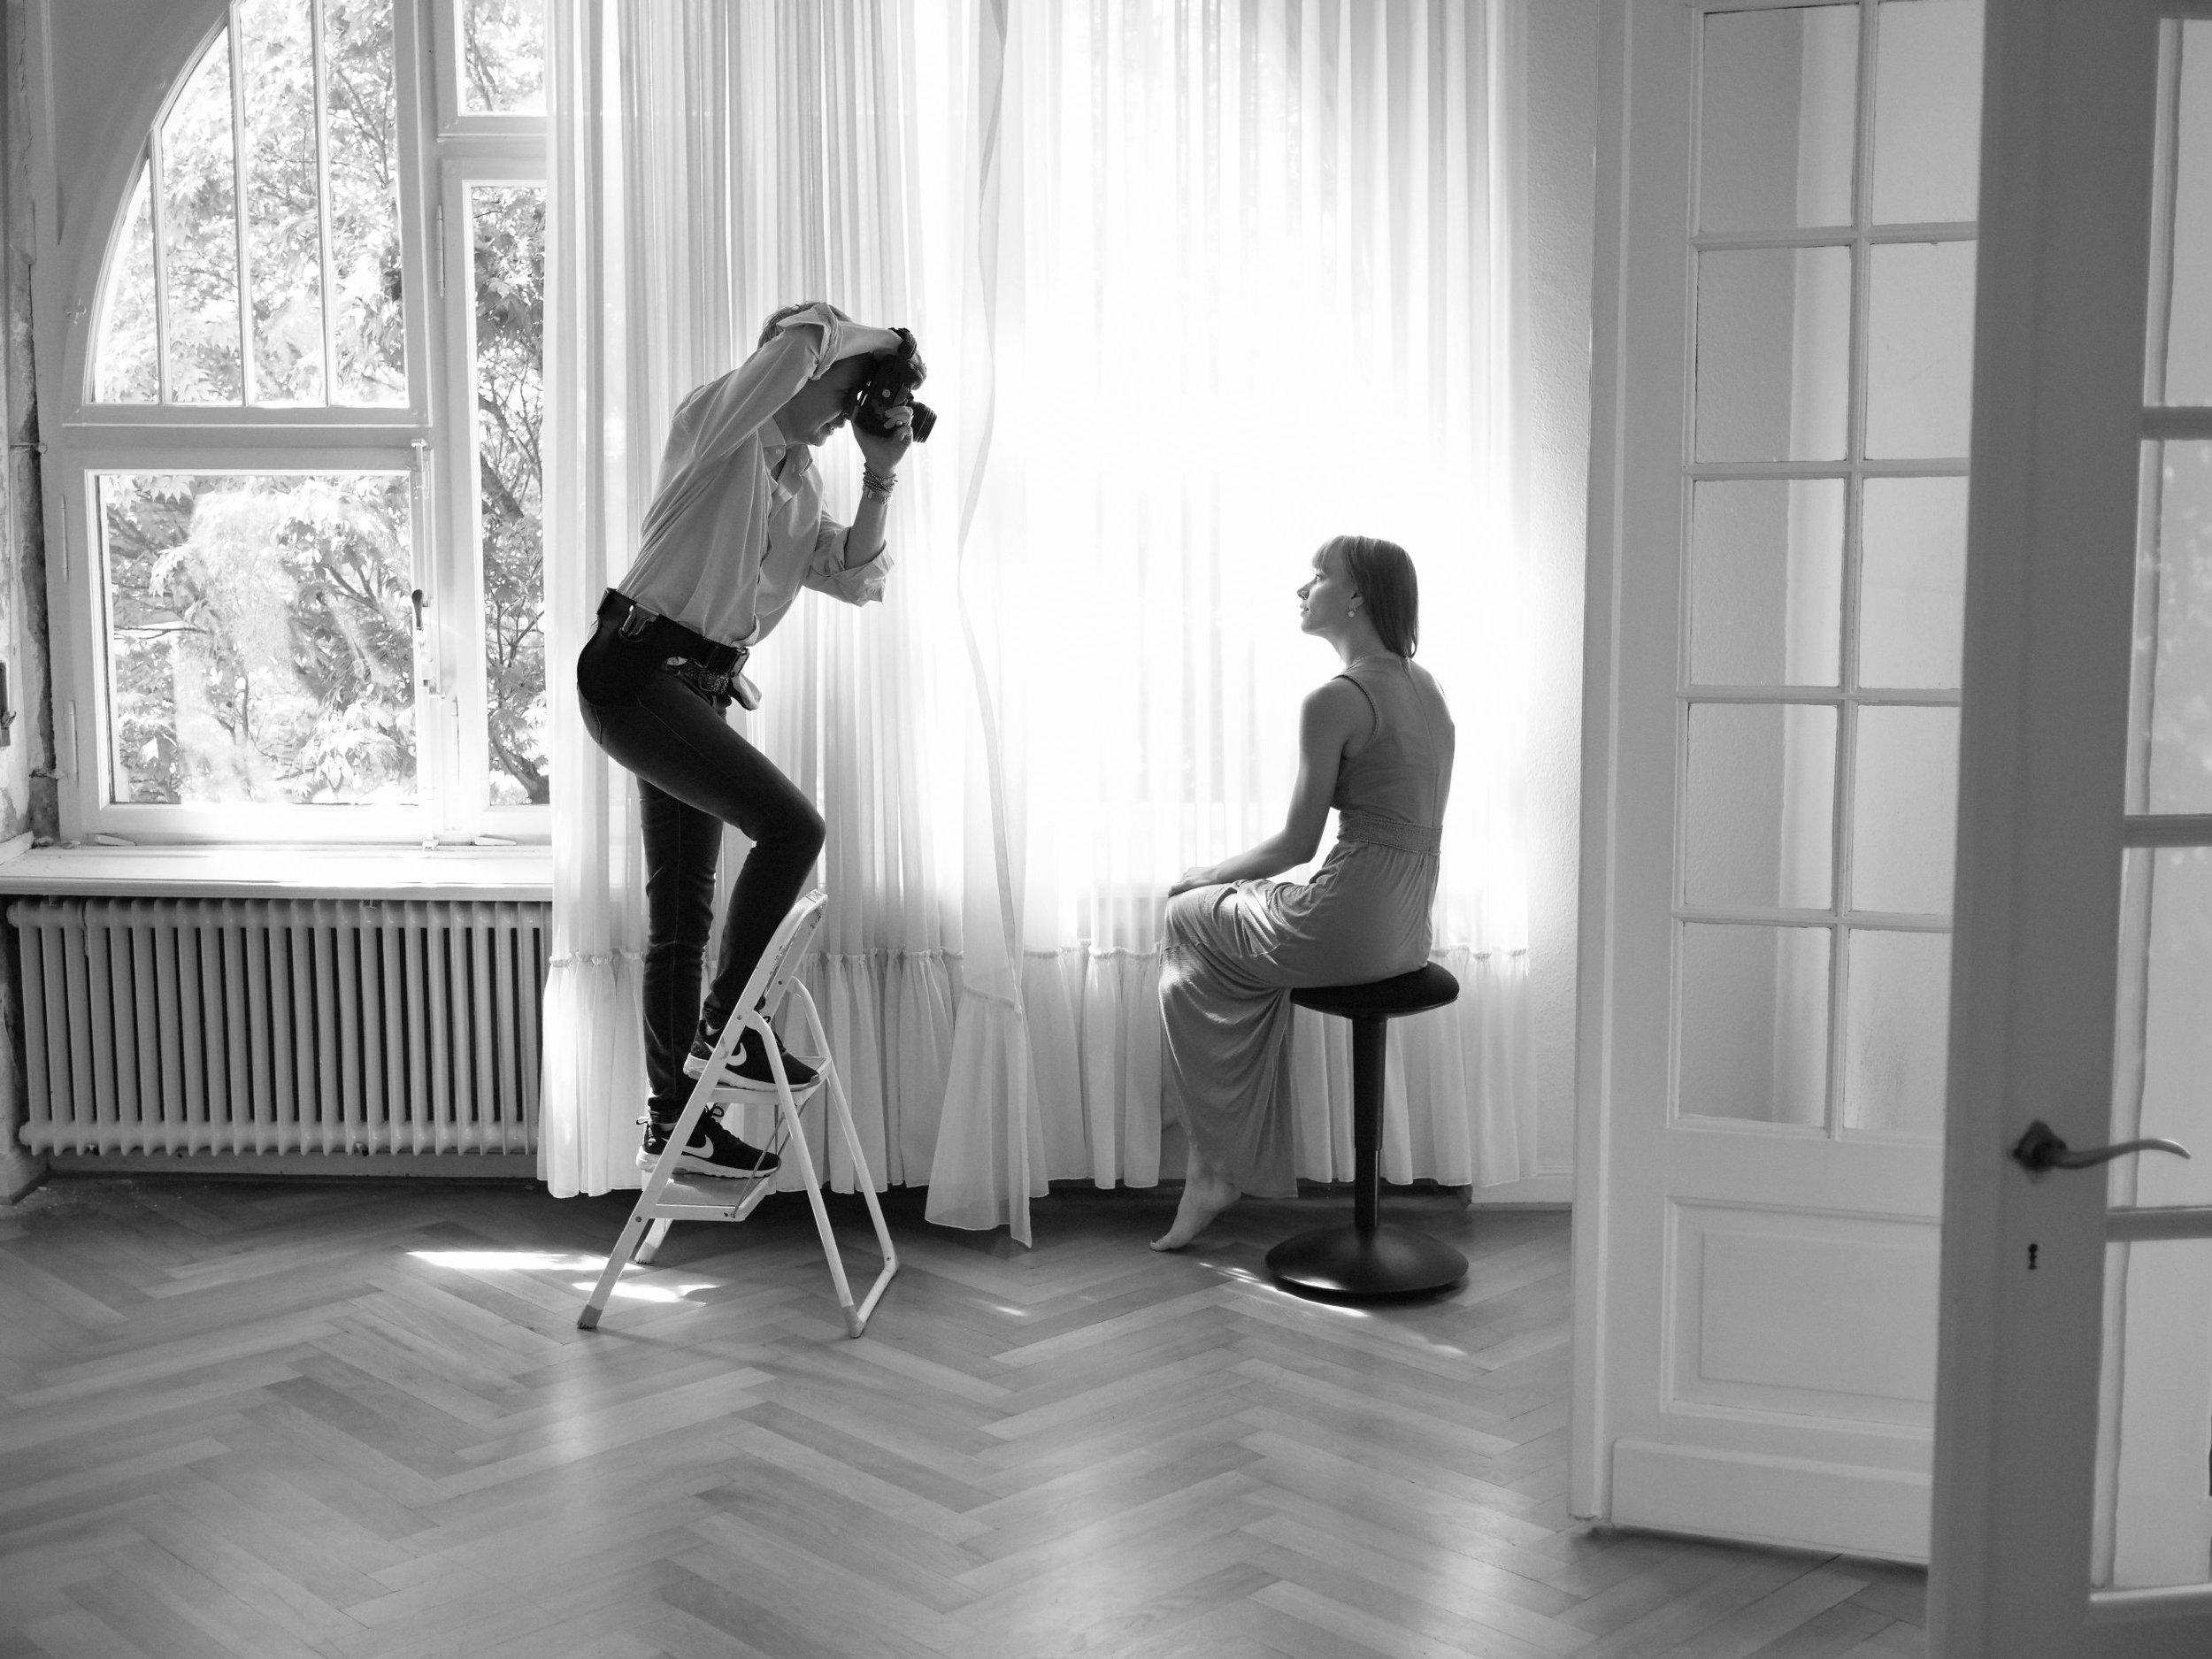 P1022368_Exp Fotografie Workshop Bonn Portraitfotografie_Fotografie Workshop Bonn.jpg